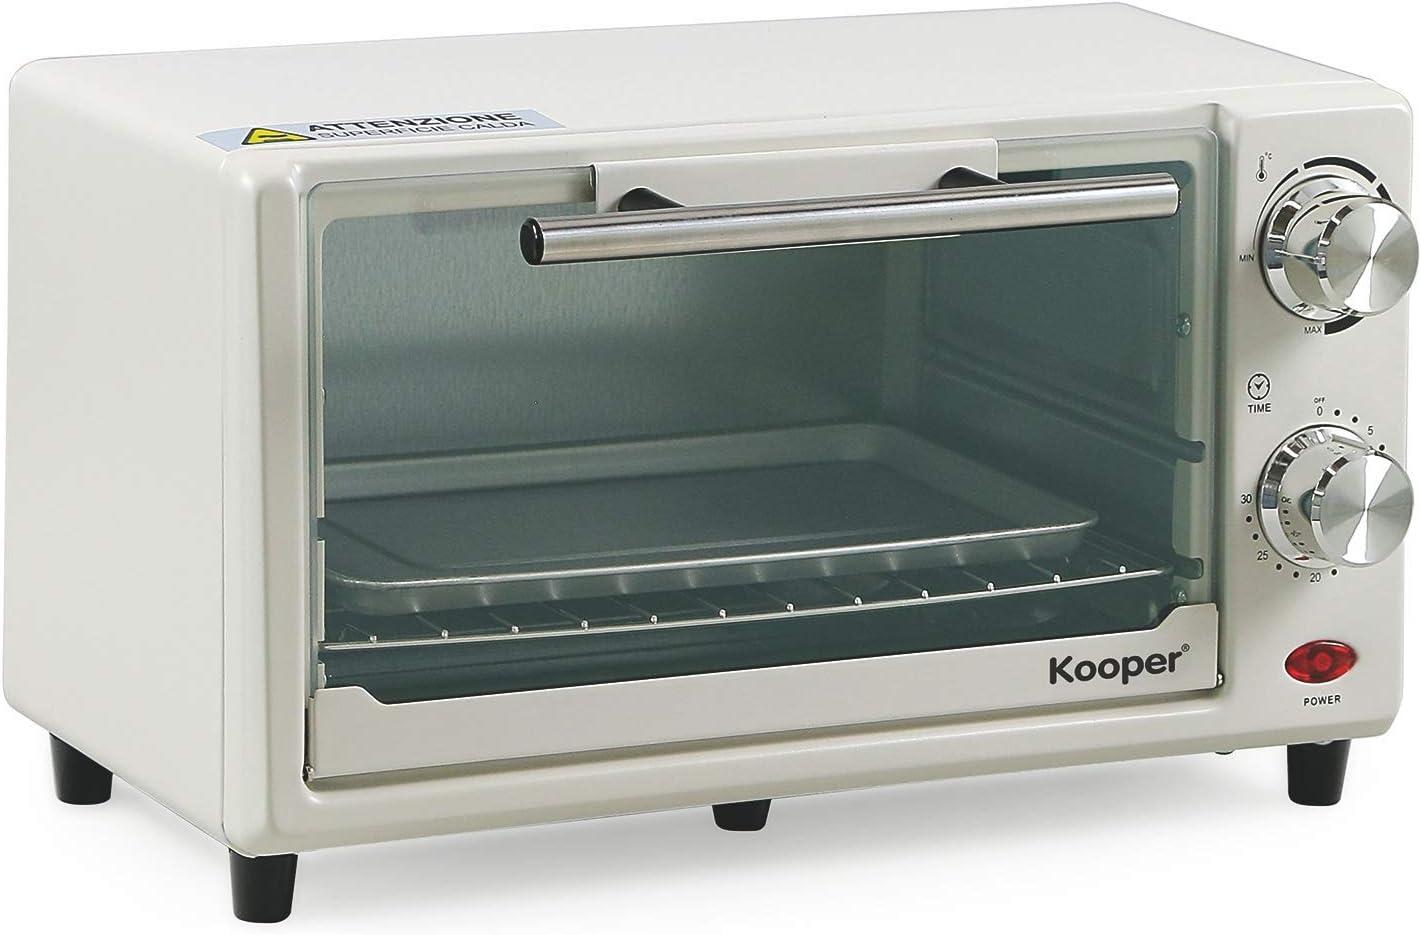 Kooper Arizona 11 - Horno eléctrico, 11 L, 650 W, blanco/gris, 36 x 22 x 21 cm